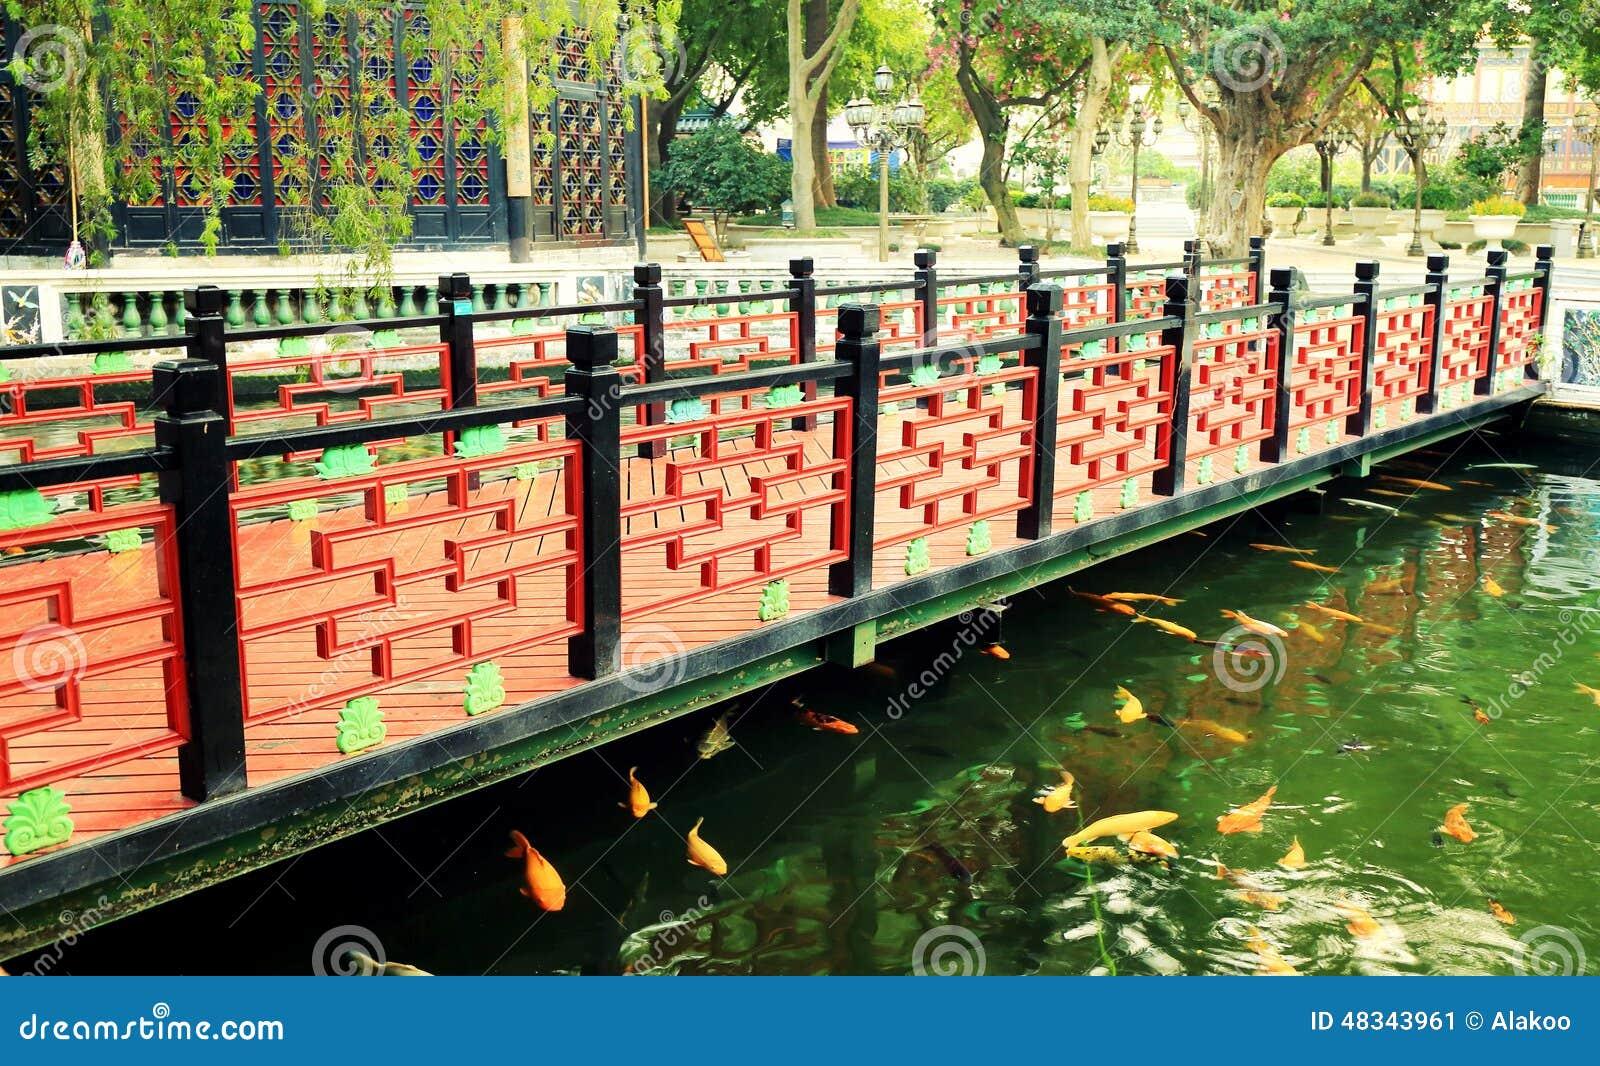 Fantastisch Download Holzbrücke Des Traditionellen Chinesen Im Alten Chinesischen Garten,  Asiatische Klassische Hölzerne Brücke In China